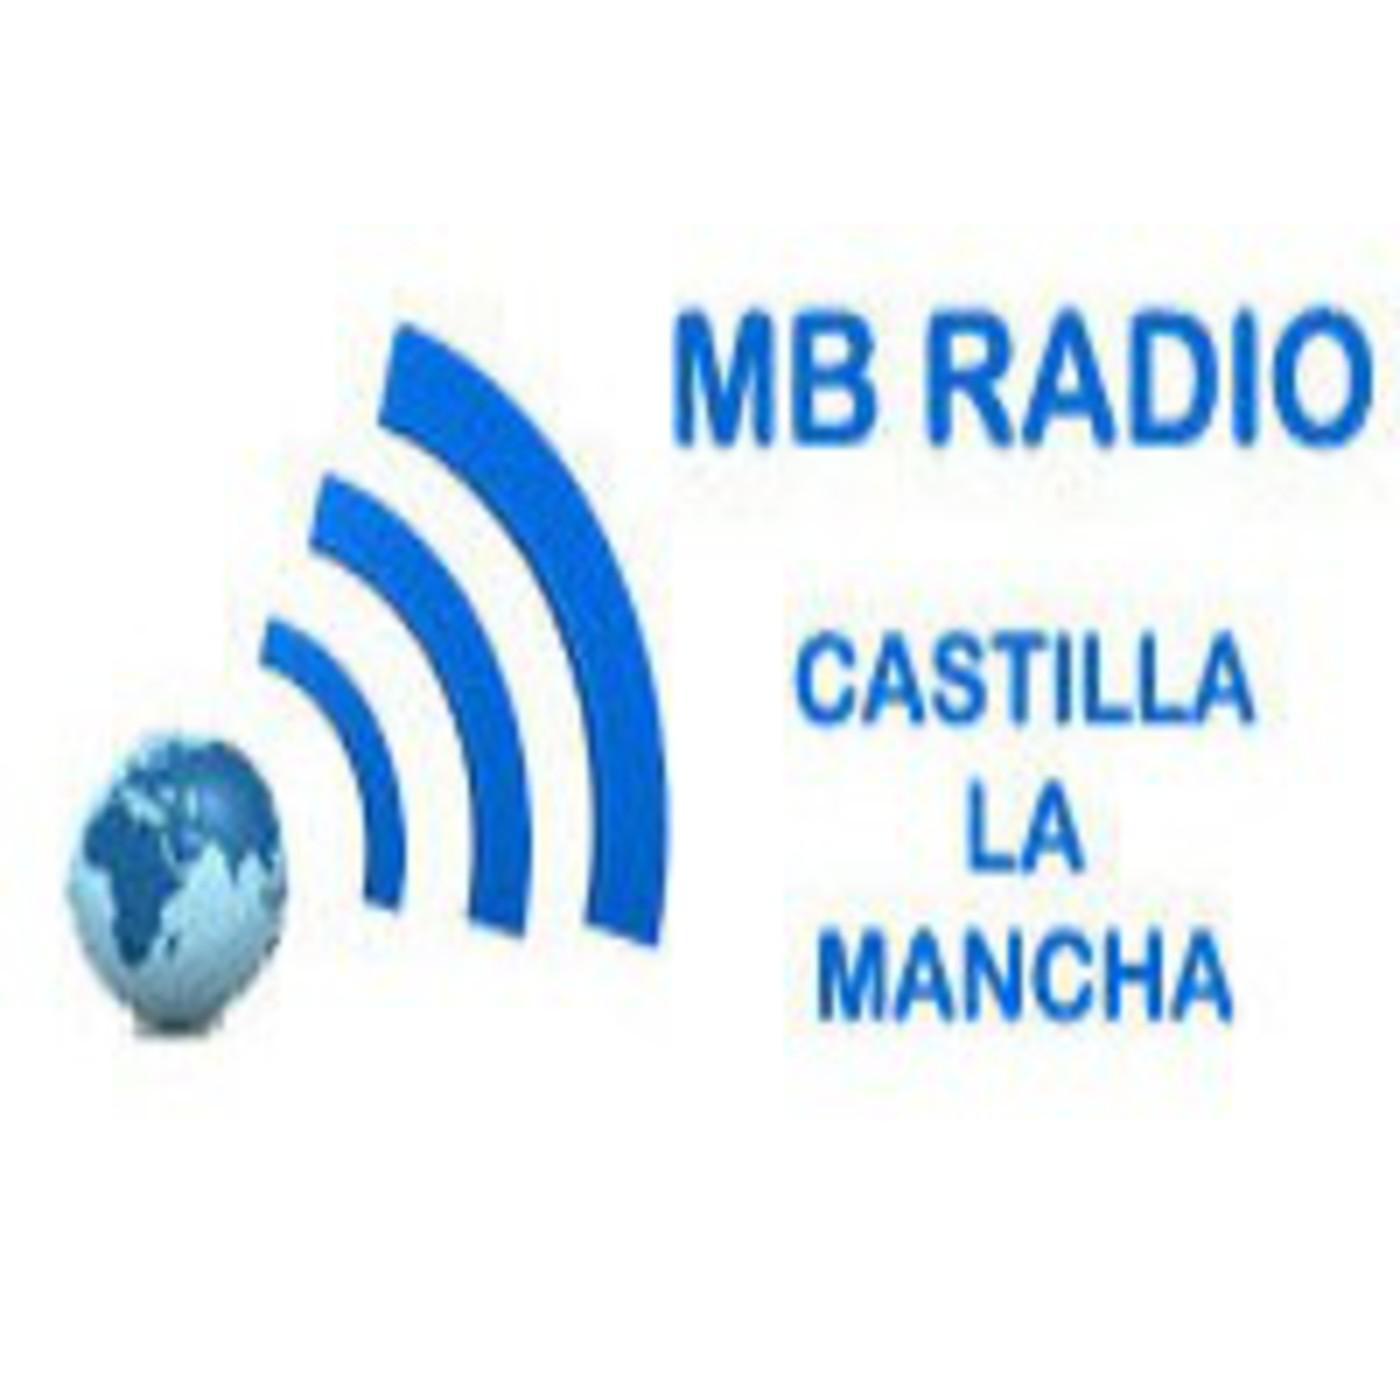 Escucha el canal mb radio castilla la mancha ivoox for Canal castilla la mancha